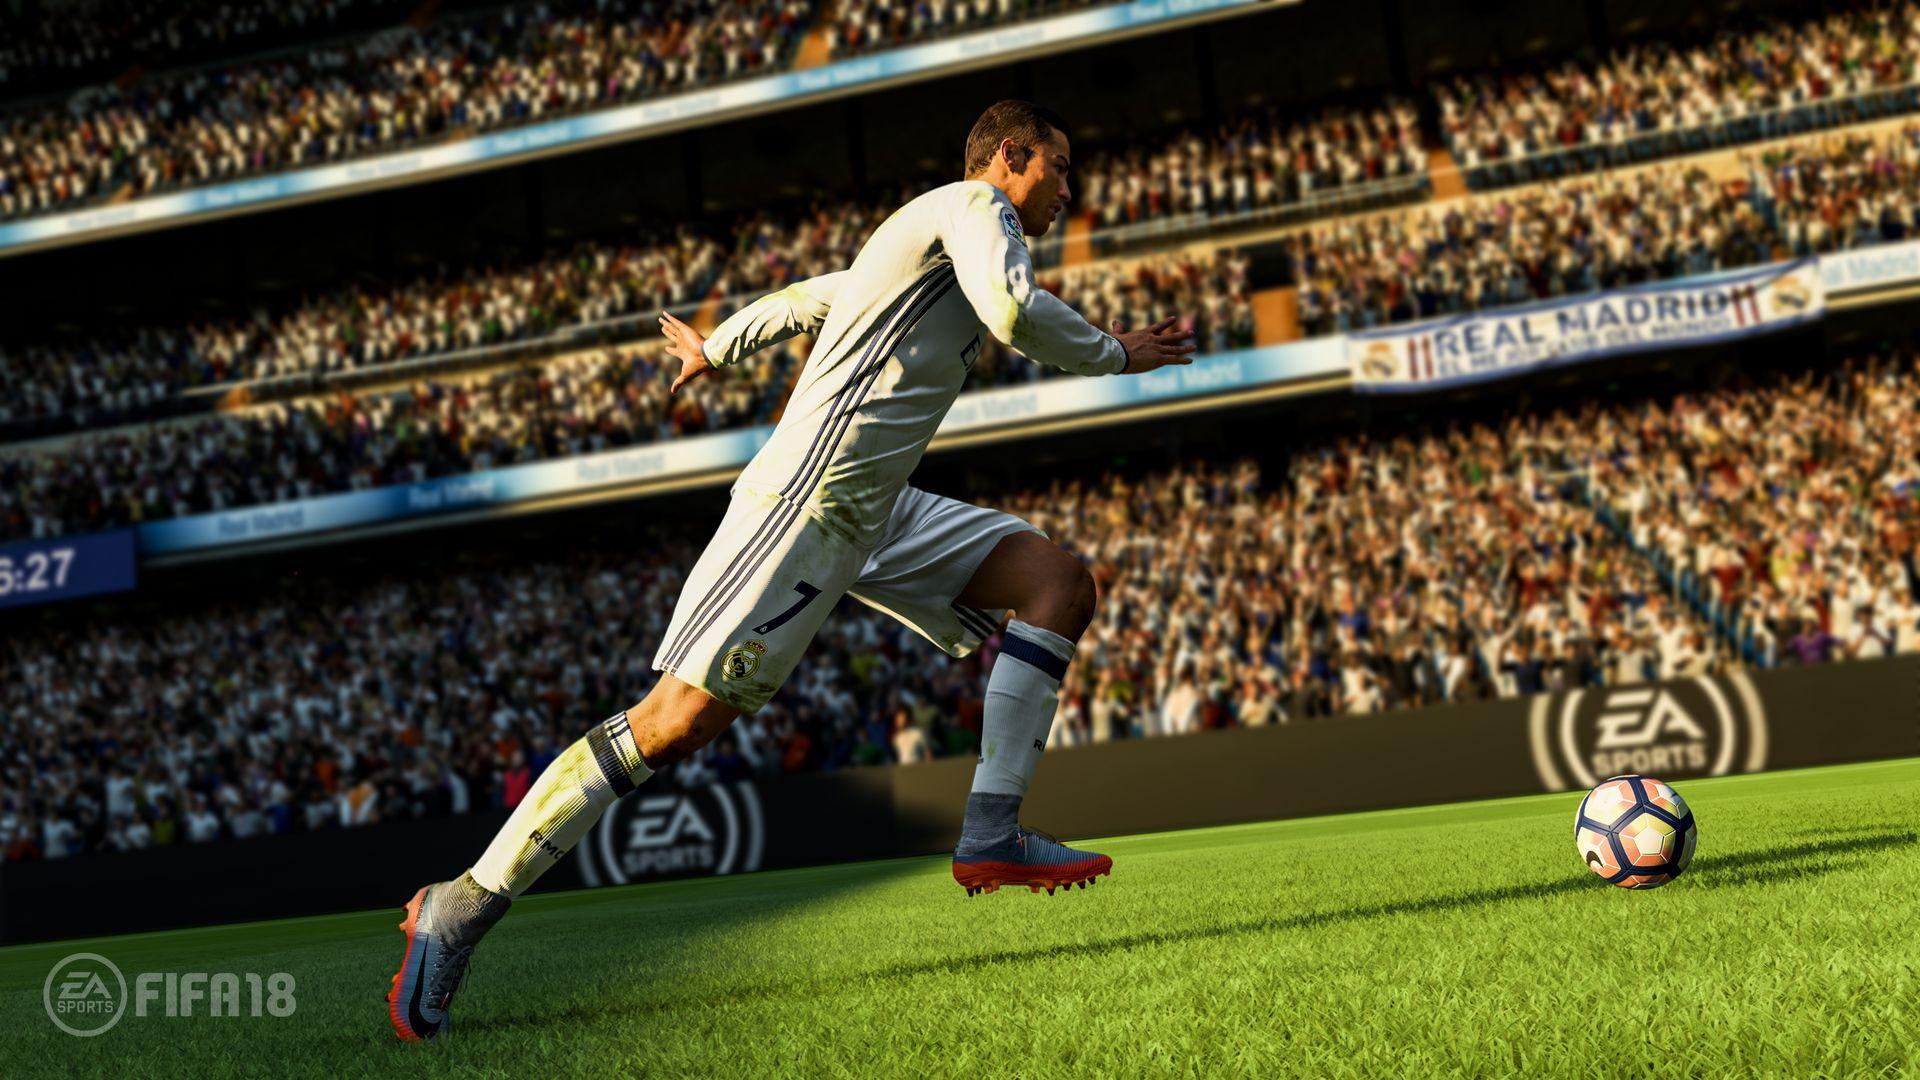 Test Fifa 18 Playstation One Xbox 4 Et Gamekult b6Ygyfv7